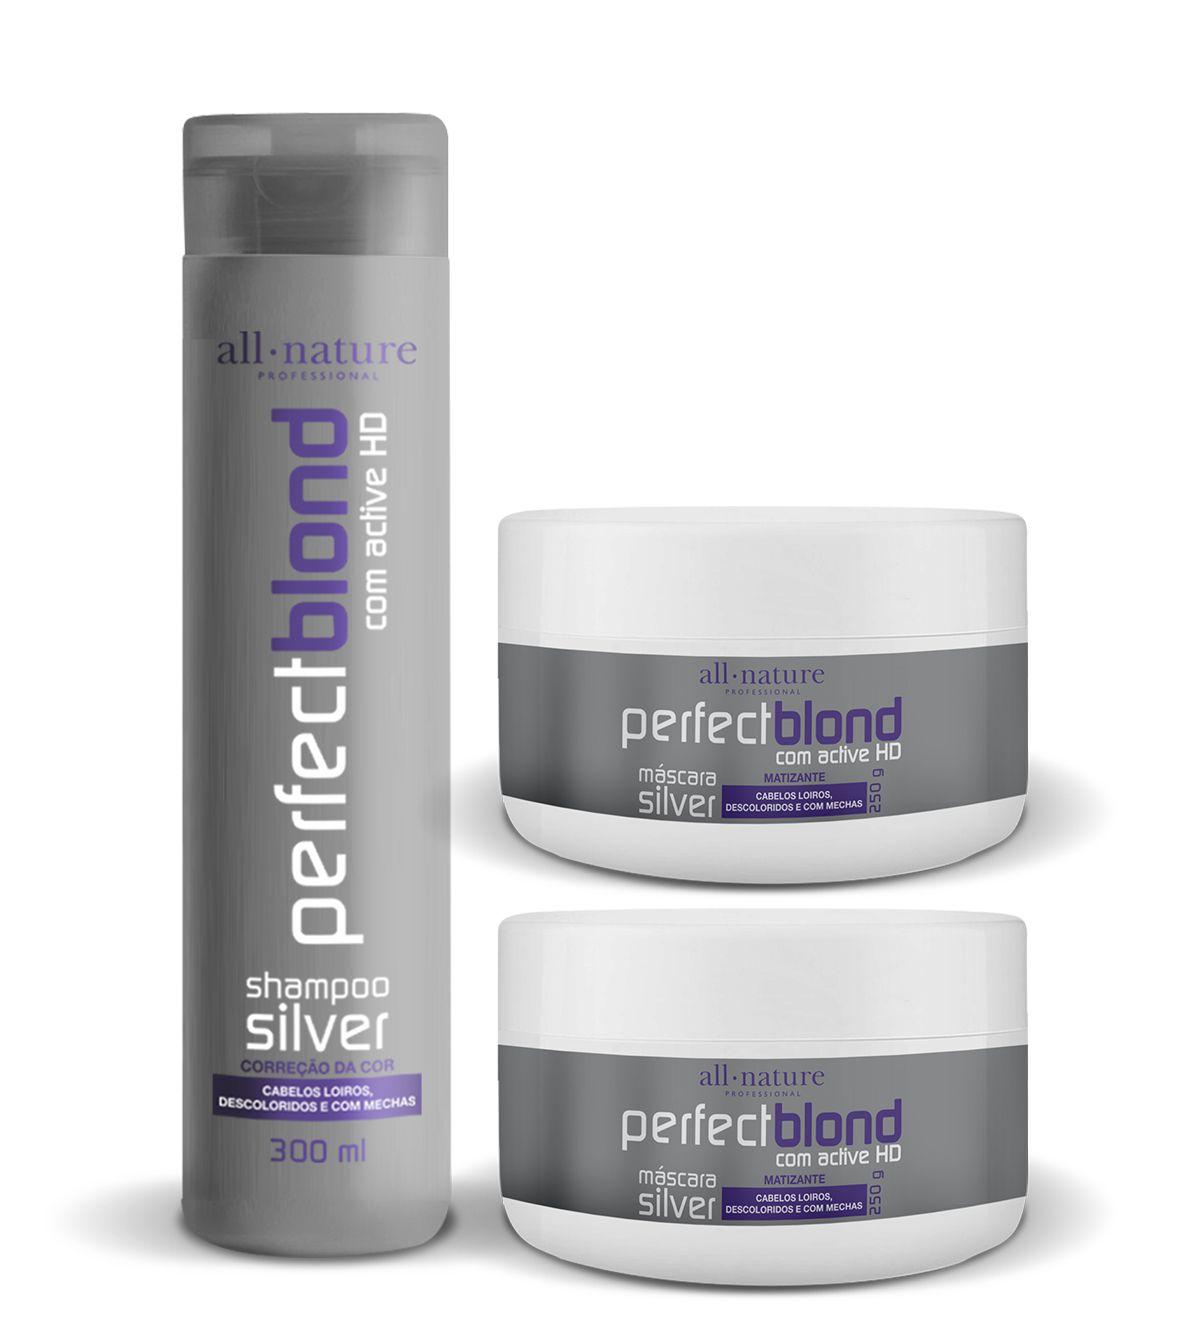 Máscara Silver Matizantes Nature Color 250g 2-Unids. e 1 Shampoo Silver Matizante 300ml - All Nature